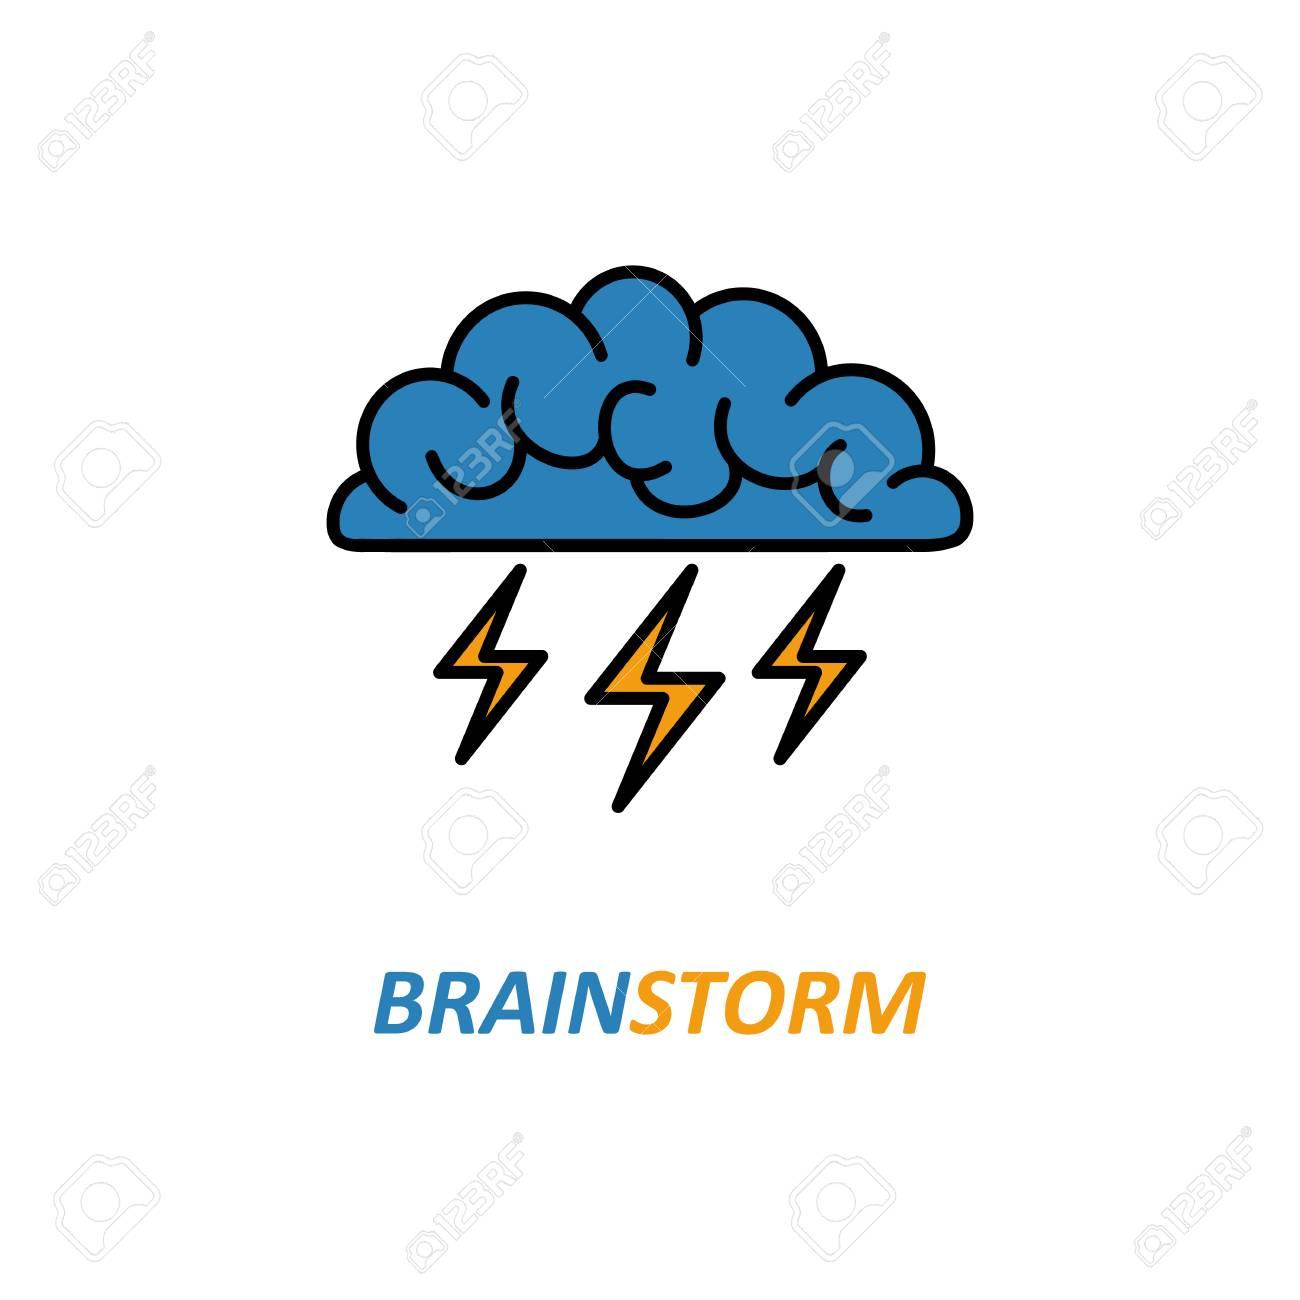 Gehirn, Brainstorming, Idee, Kreativität Logo Und Symbol. Vector ...